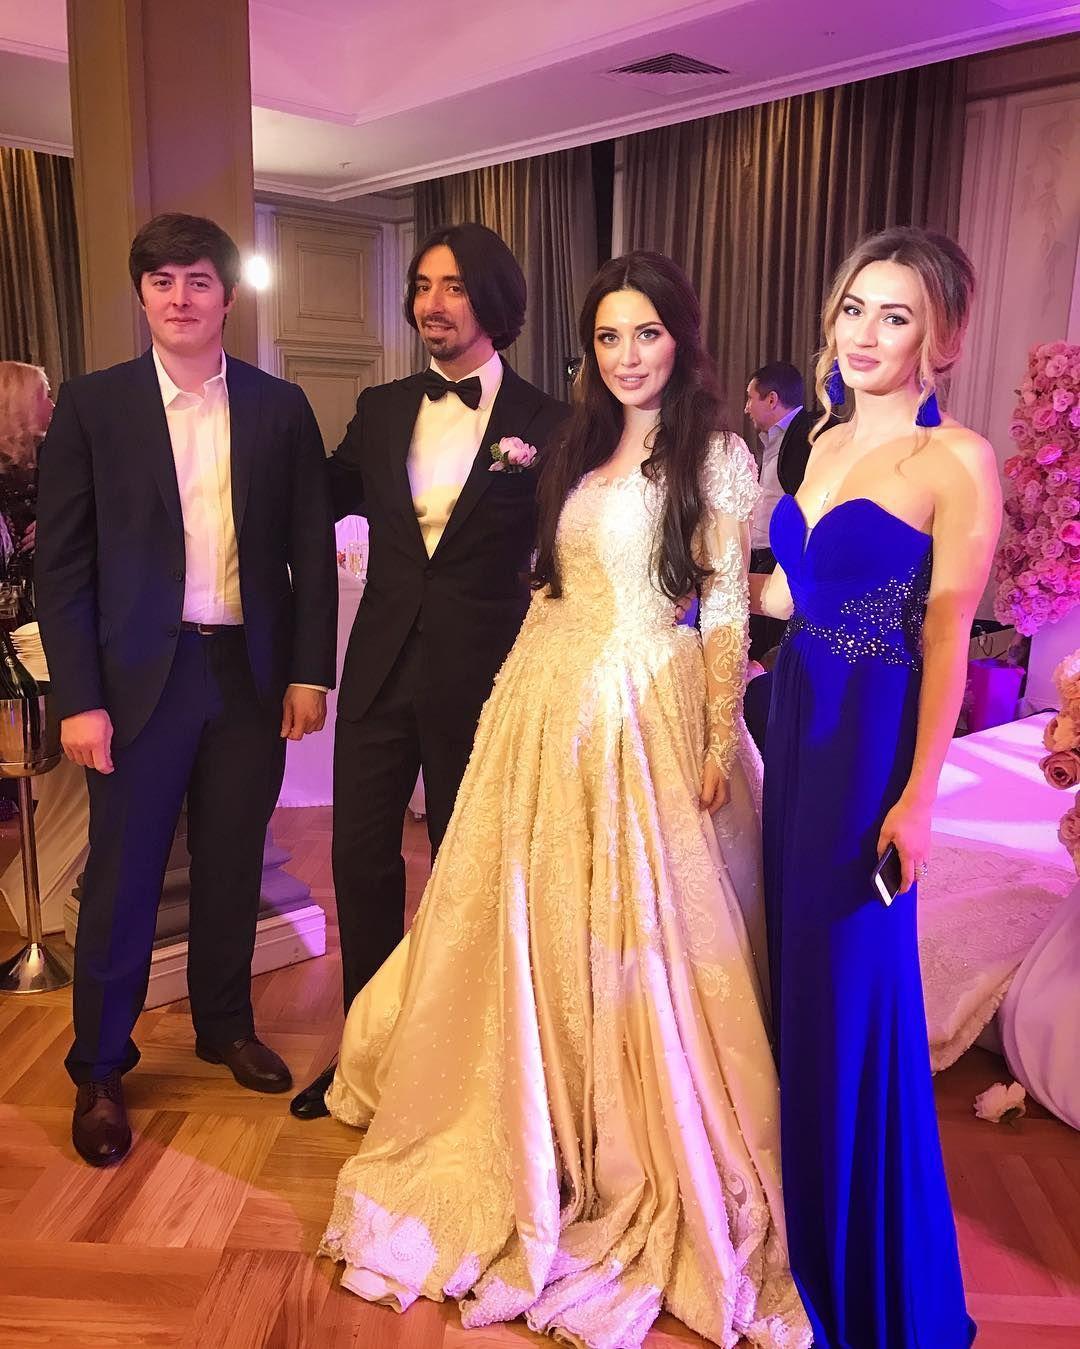 23-річна дочка Олександра Сєрова з Лещенком і Винокуром погуляла на розкішному весілля (фото)